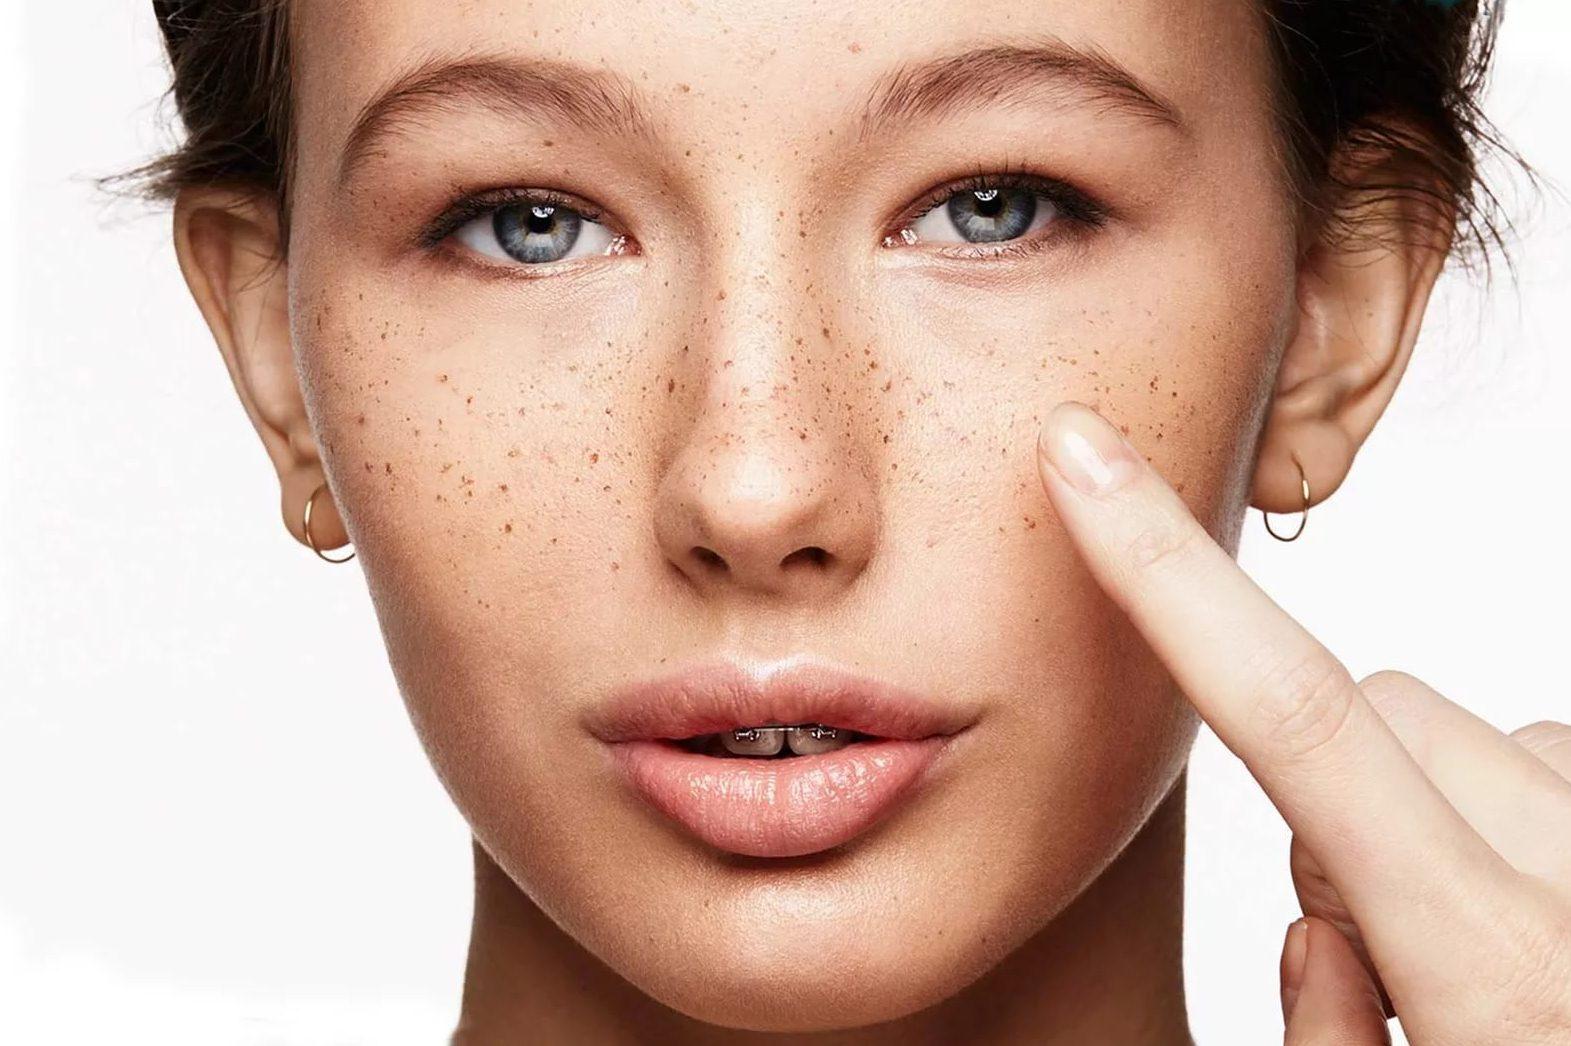 Пигментные пятна на лице: причины развития, диагностика, лечение